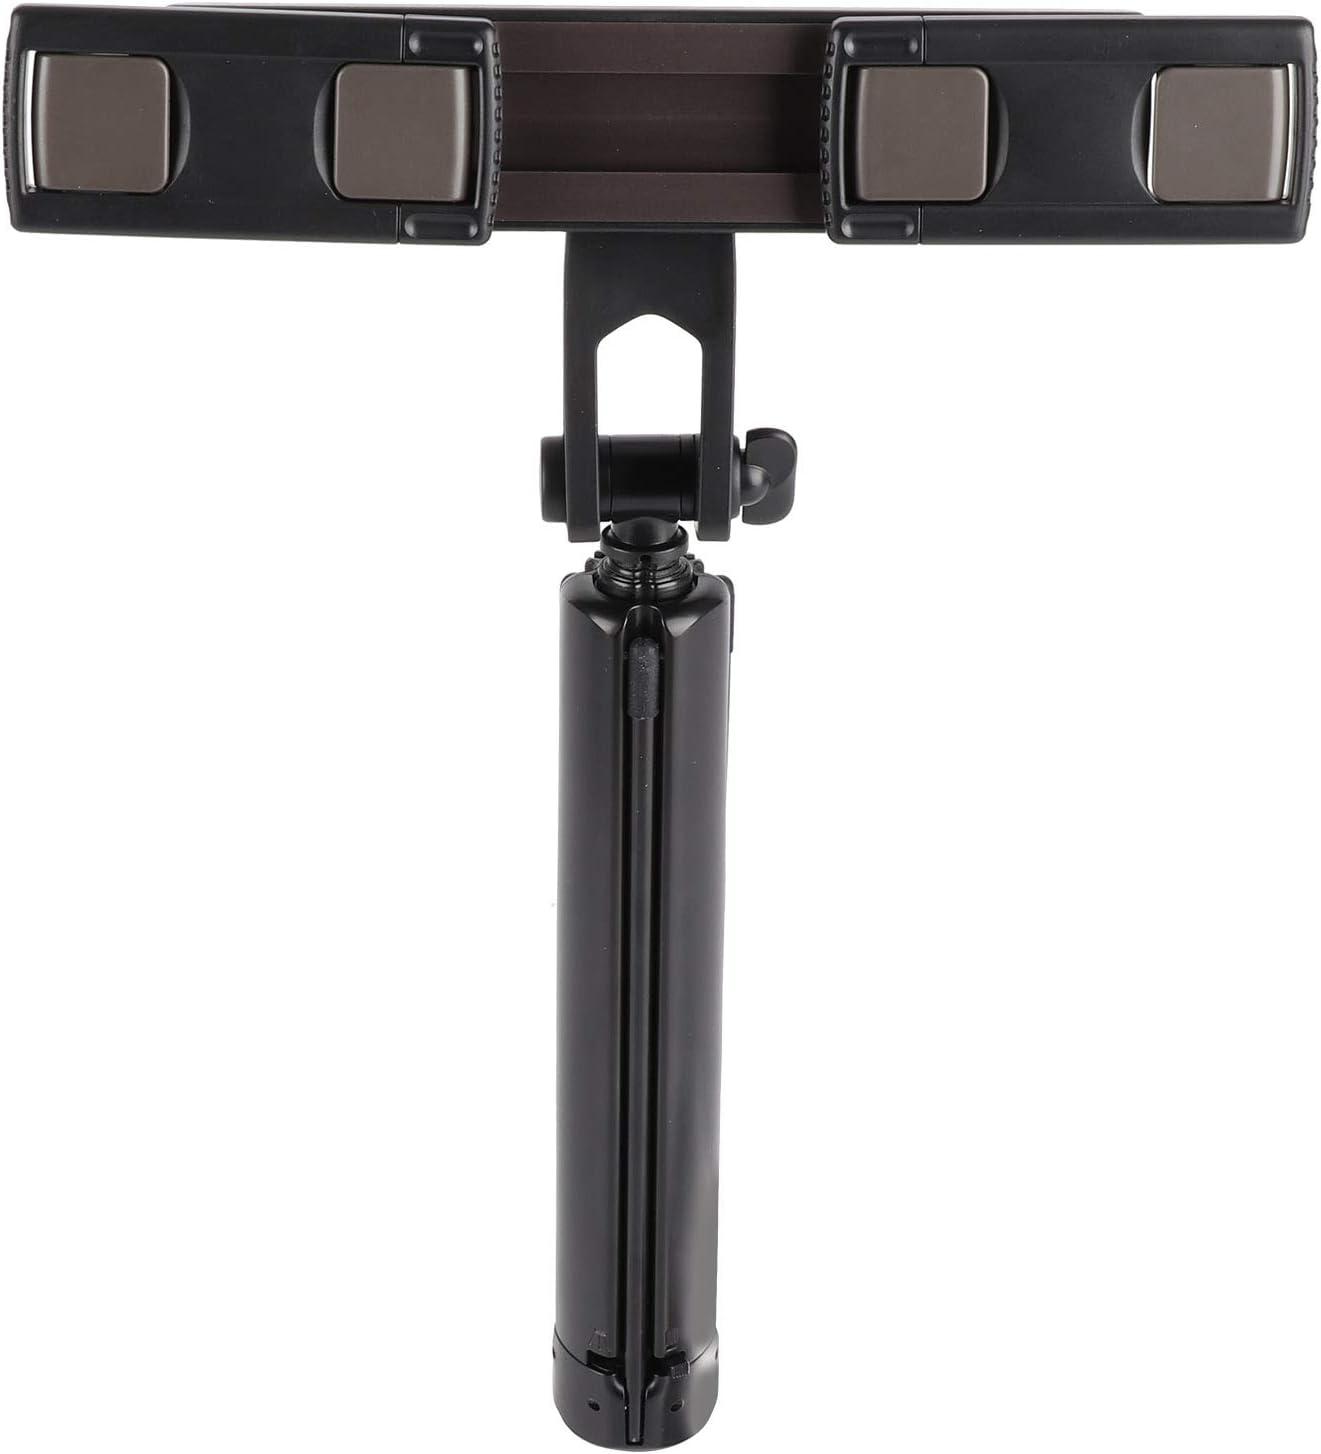 Socobeta All stores are sold Selfie Stick Live Design Fashion Stream Retractable for